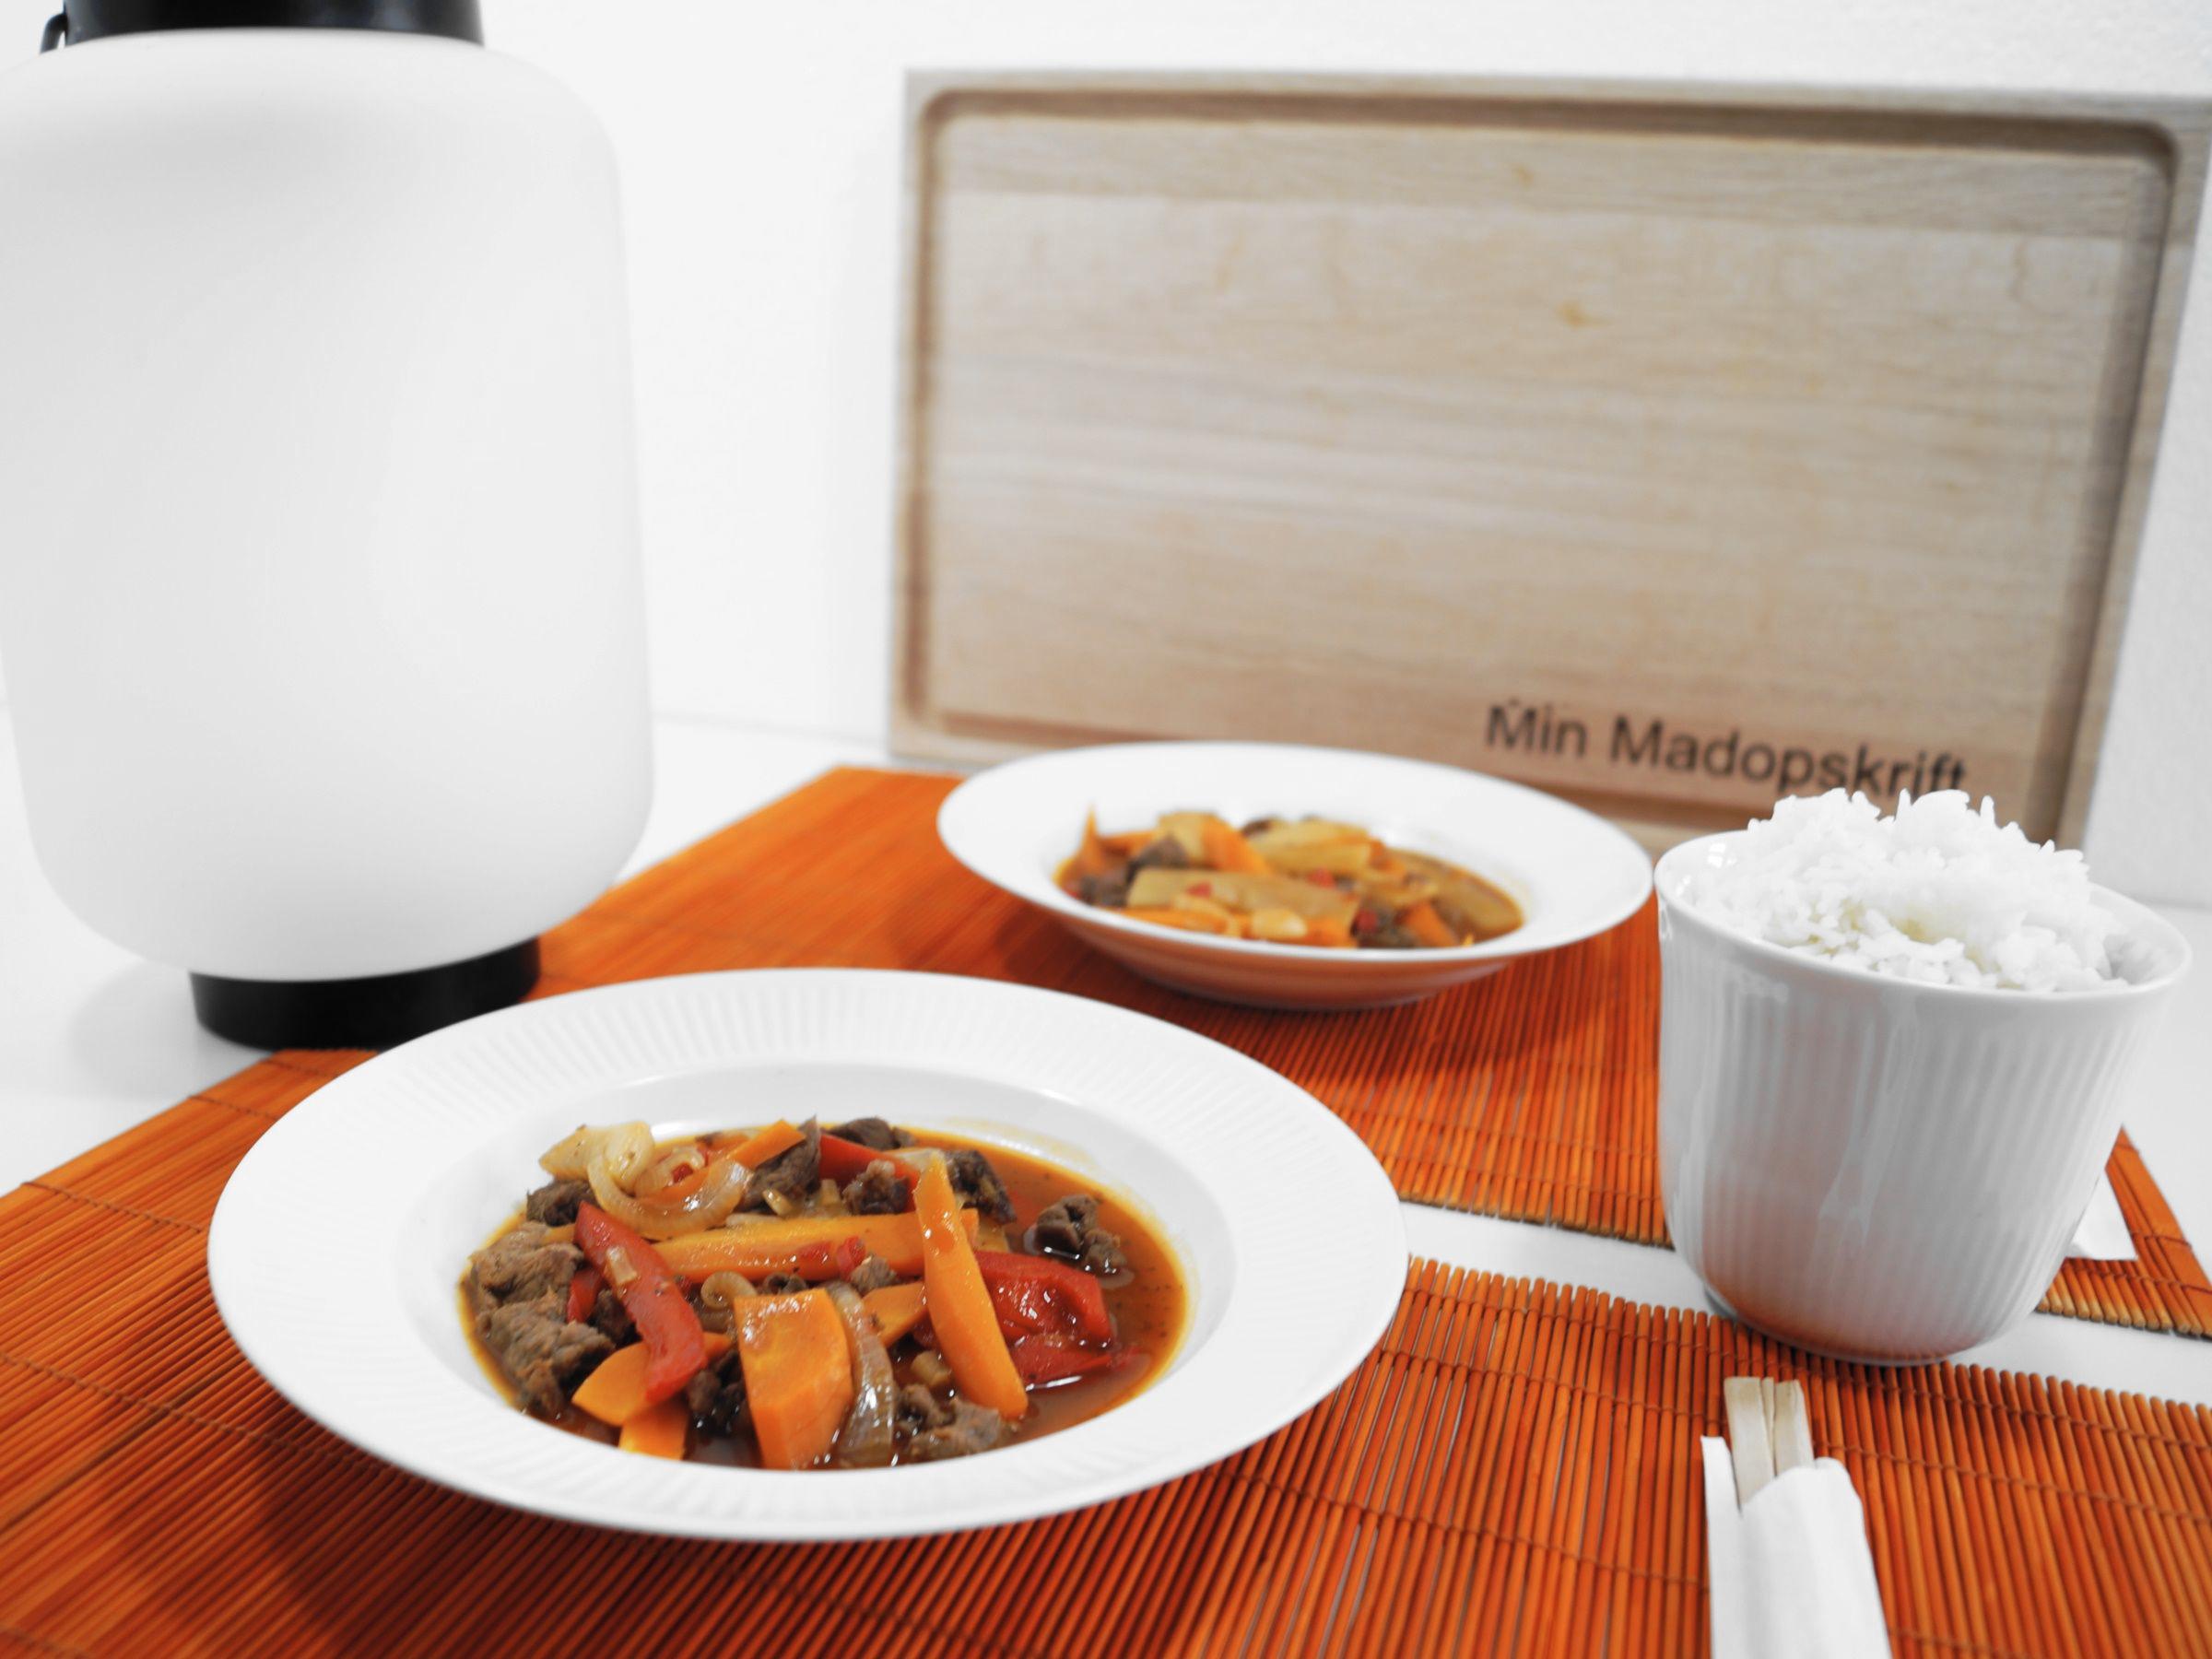 Asiatisk opskrift med oksekød i hoisin sauce og ris